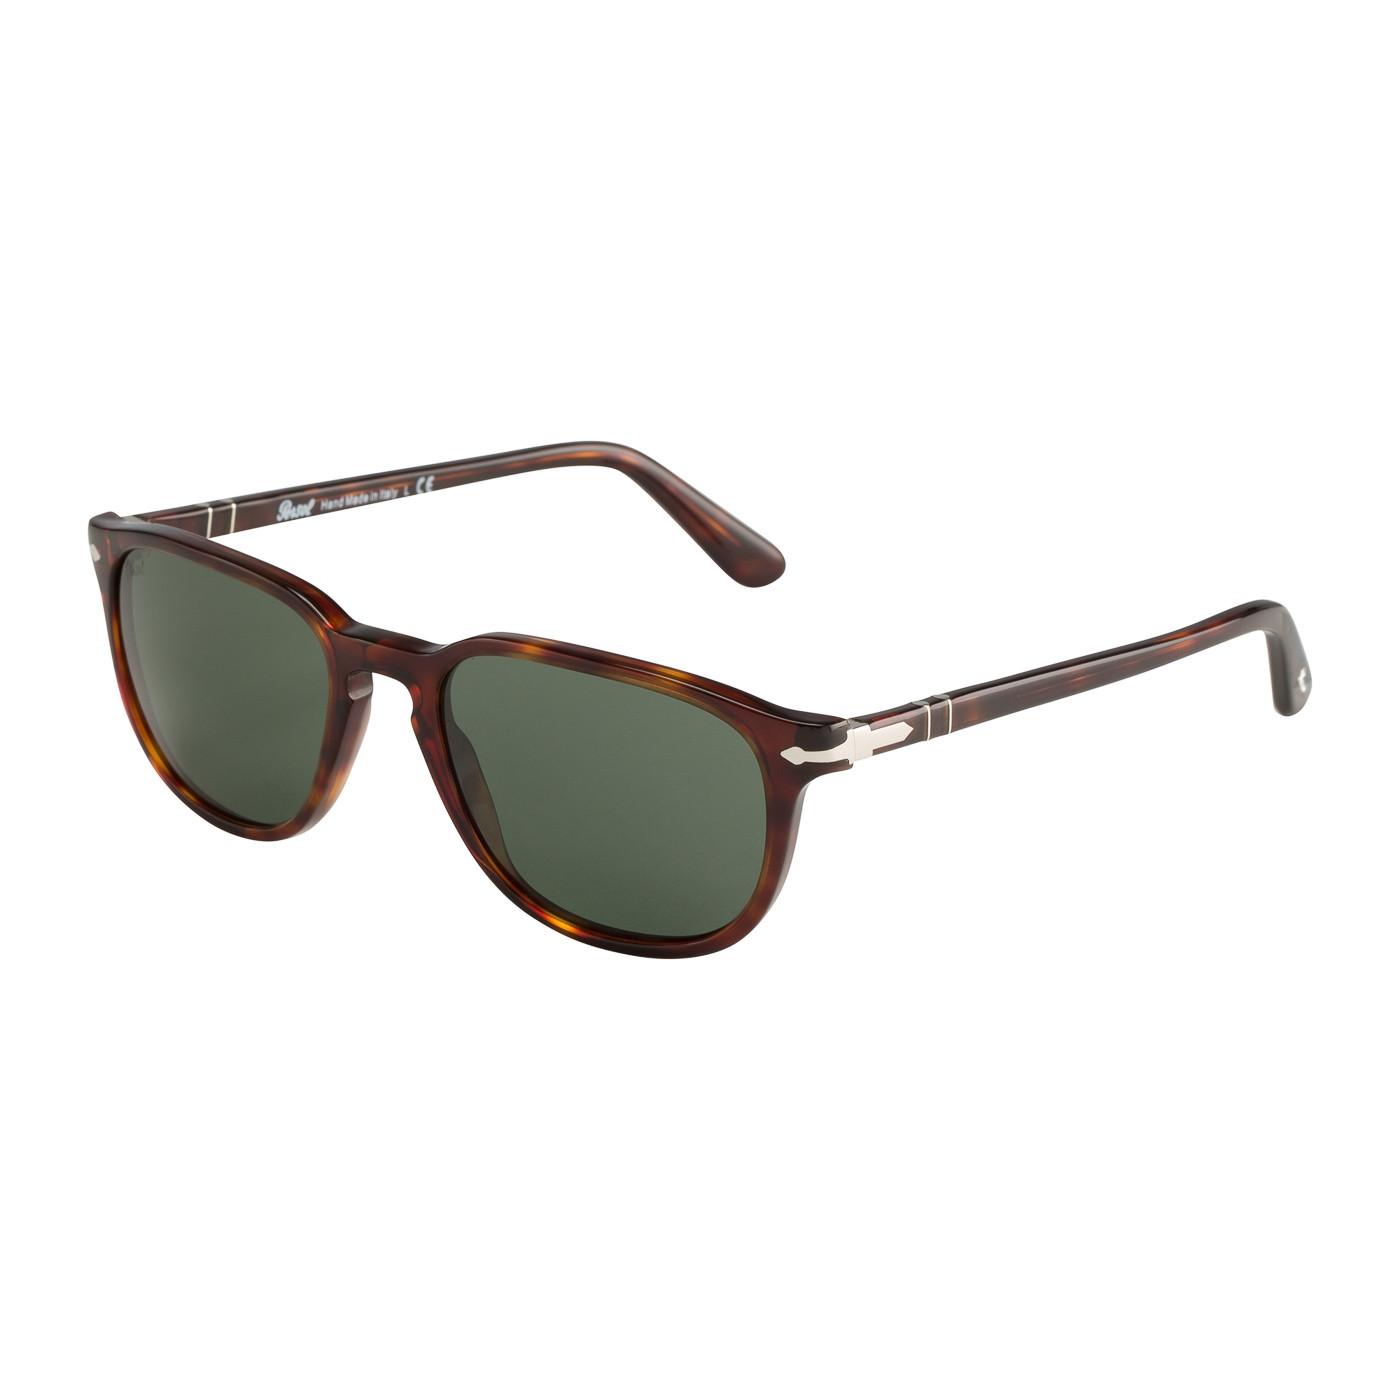 8bdf6992e3 Persol Havana Gafas de Sol PO3019 S24/3152 - Gafas de sol